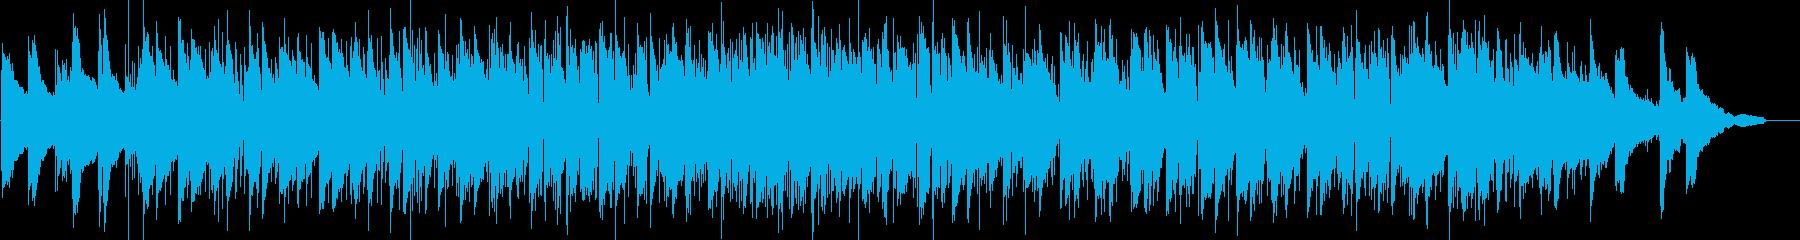 ゆったりとしたヒップホップ風ピアノトリオの再生済みの波形